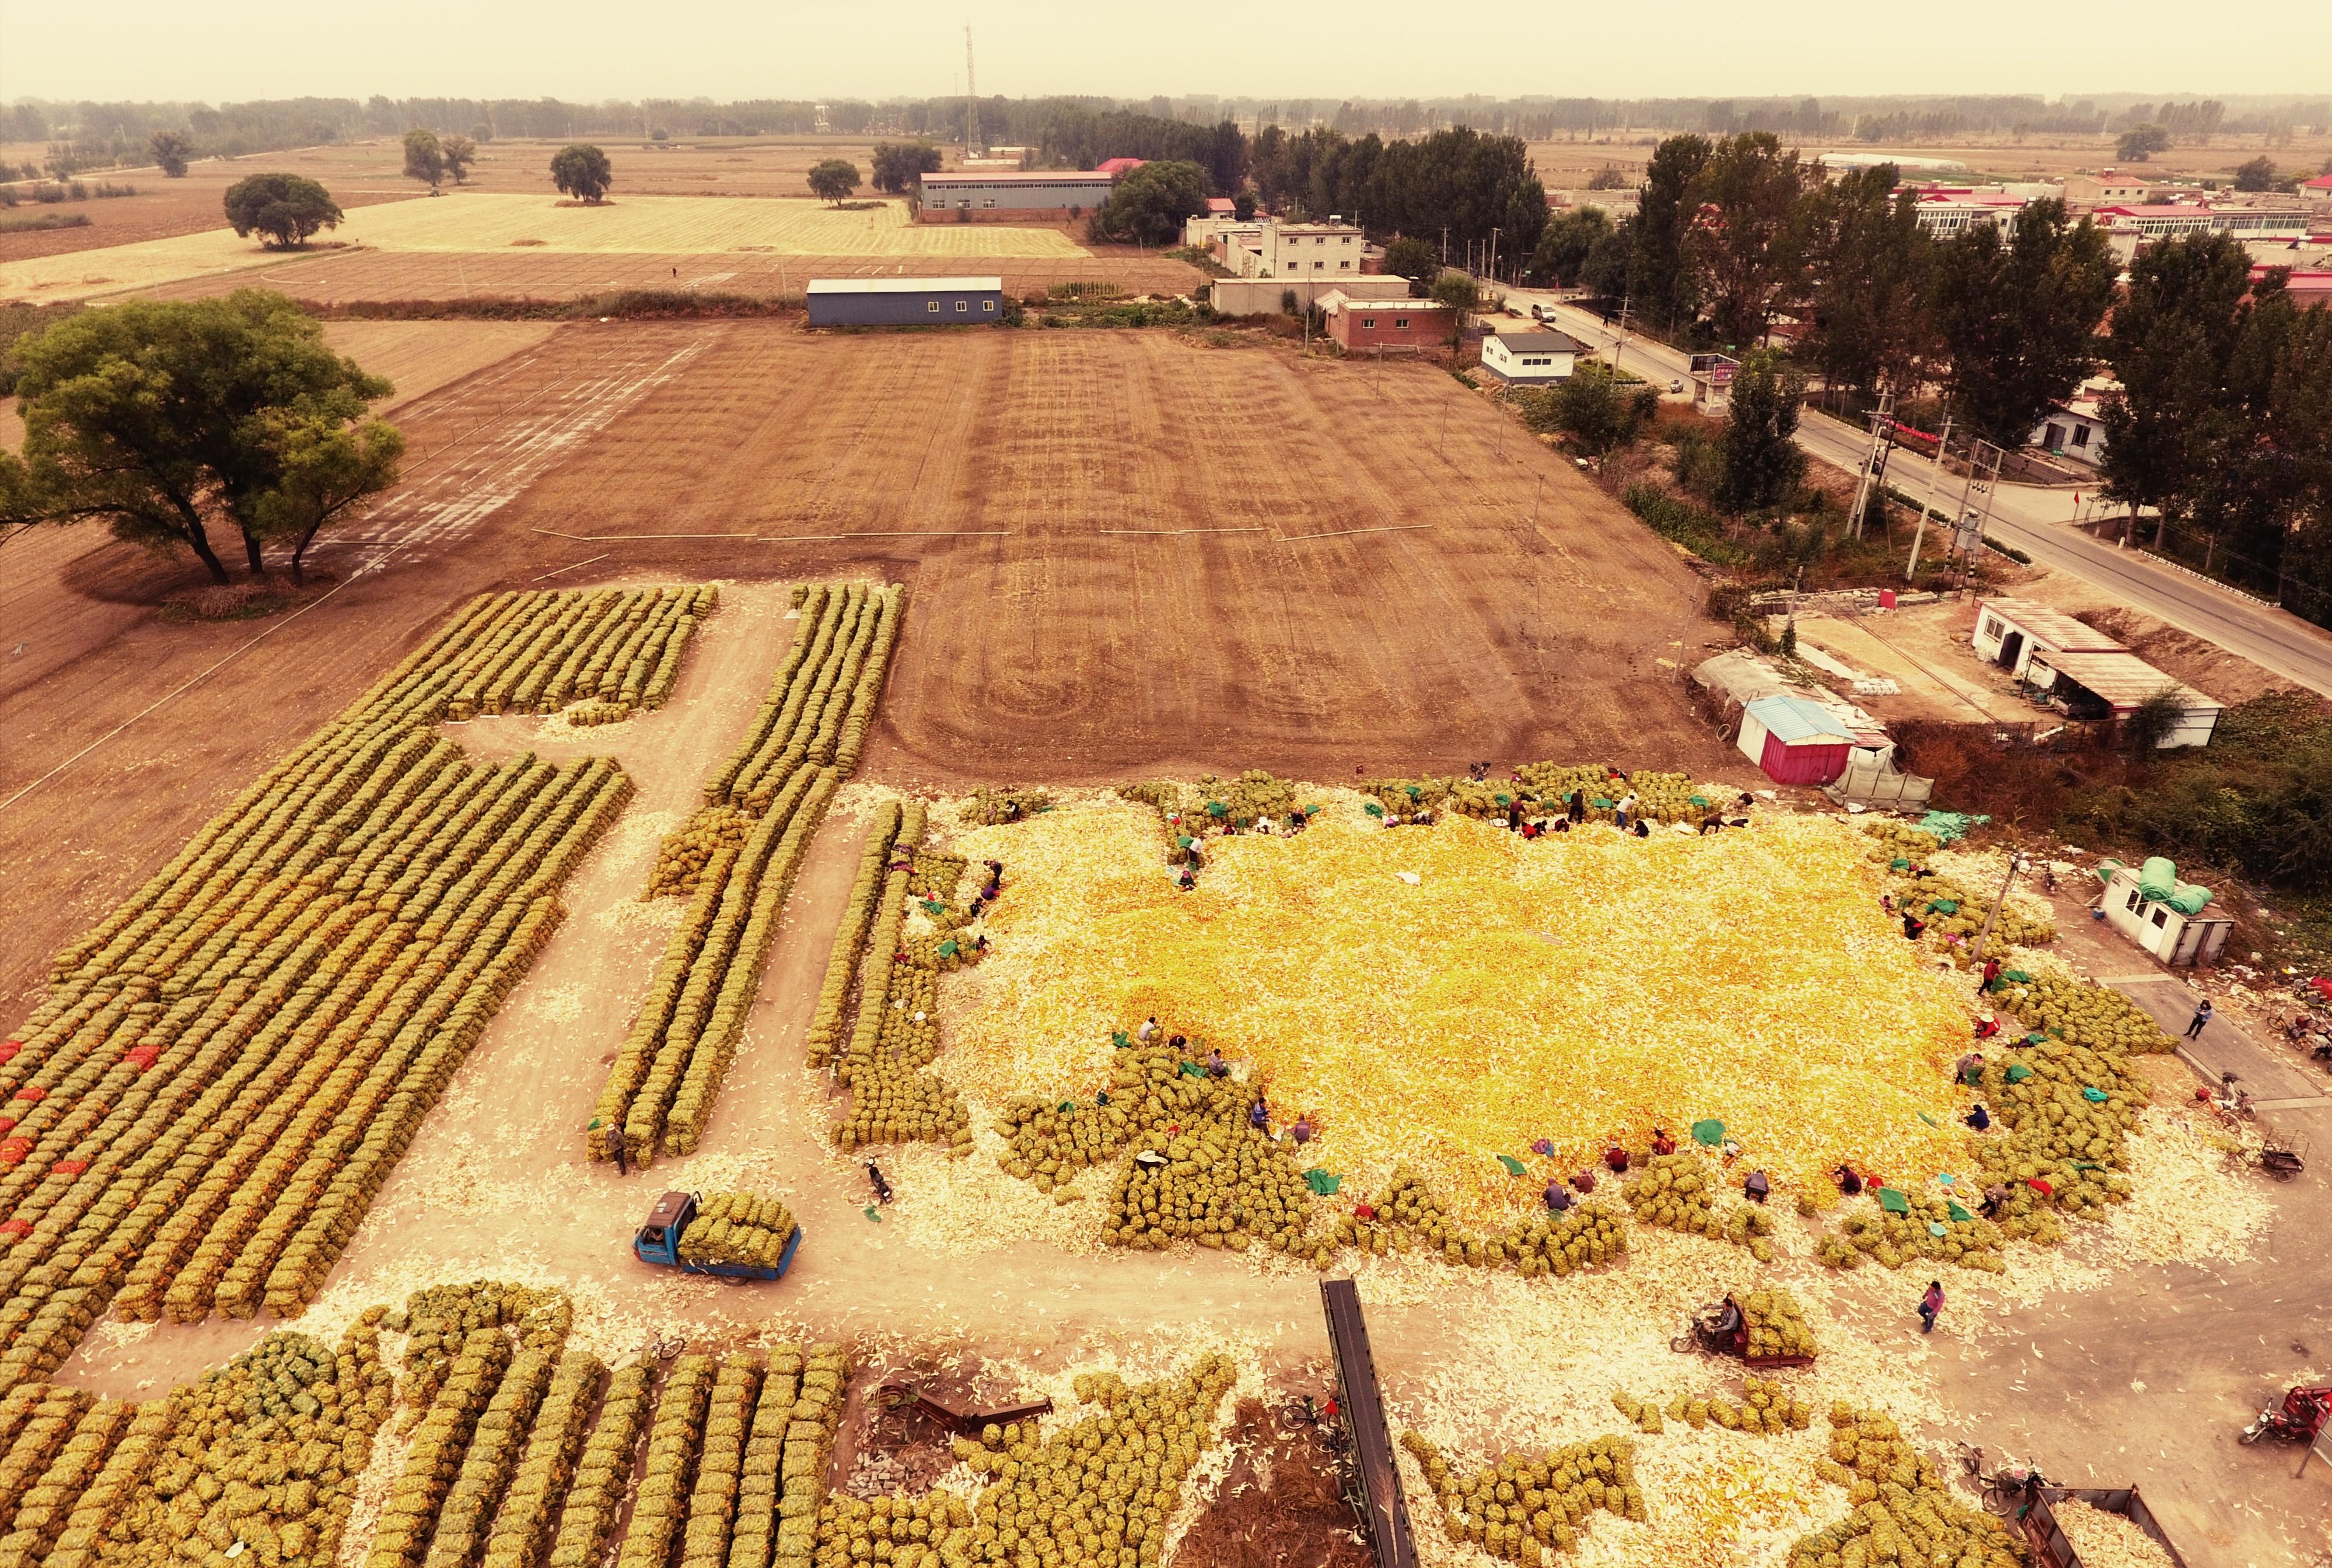 保定丰收图景,田间地头一片金灿灿的玉米